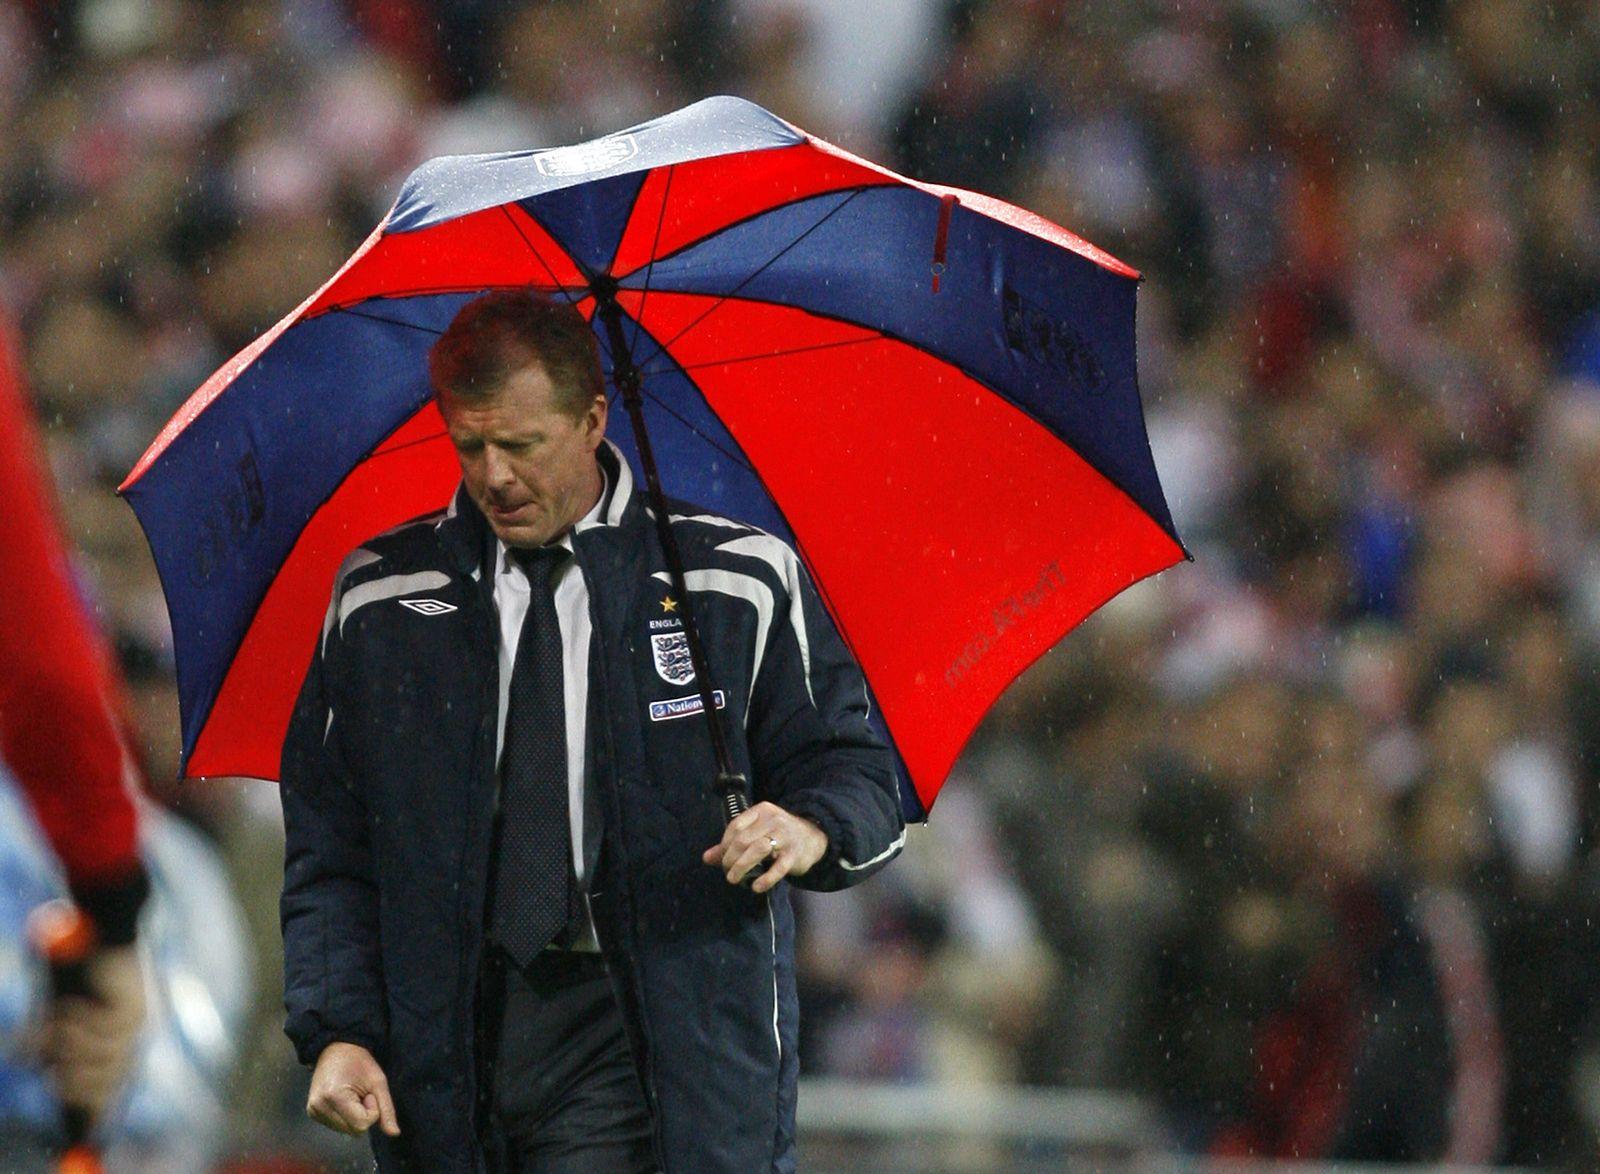 Fußballtrainer/ Mode/ Steve McClaren